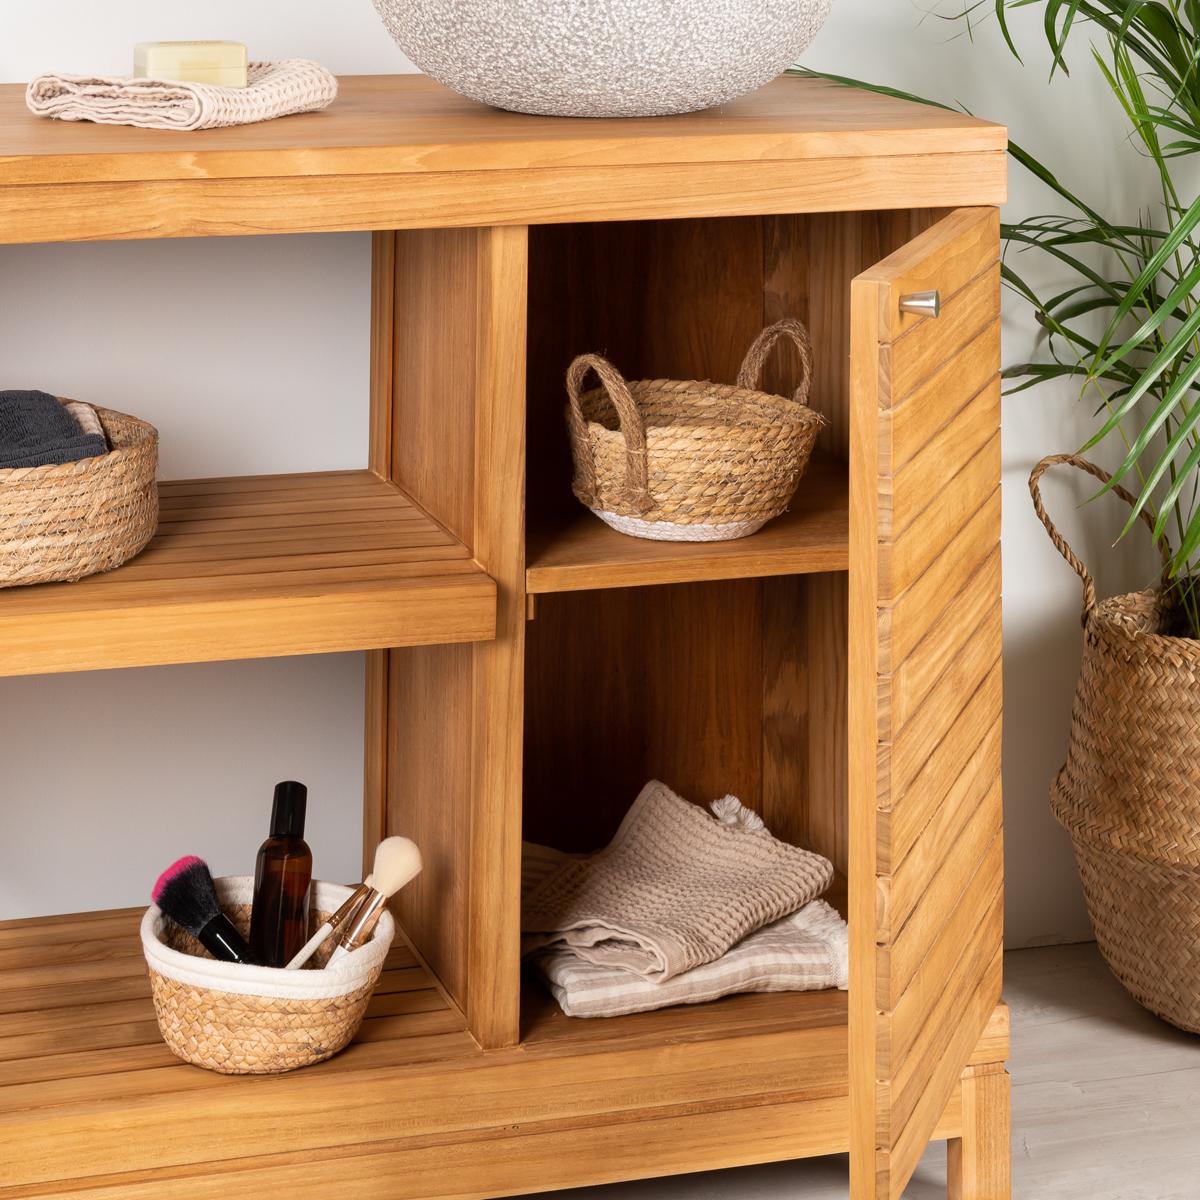 Meuble sous vasque simple vasque en bois teck massif - Meuble salle de bain 100 ...